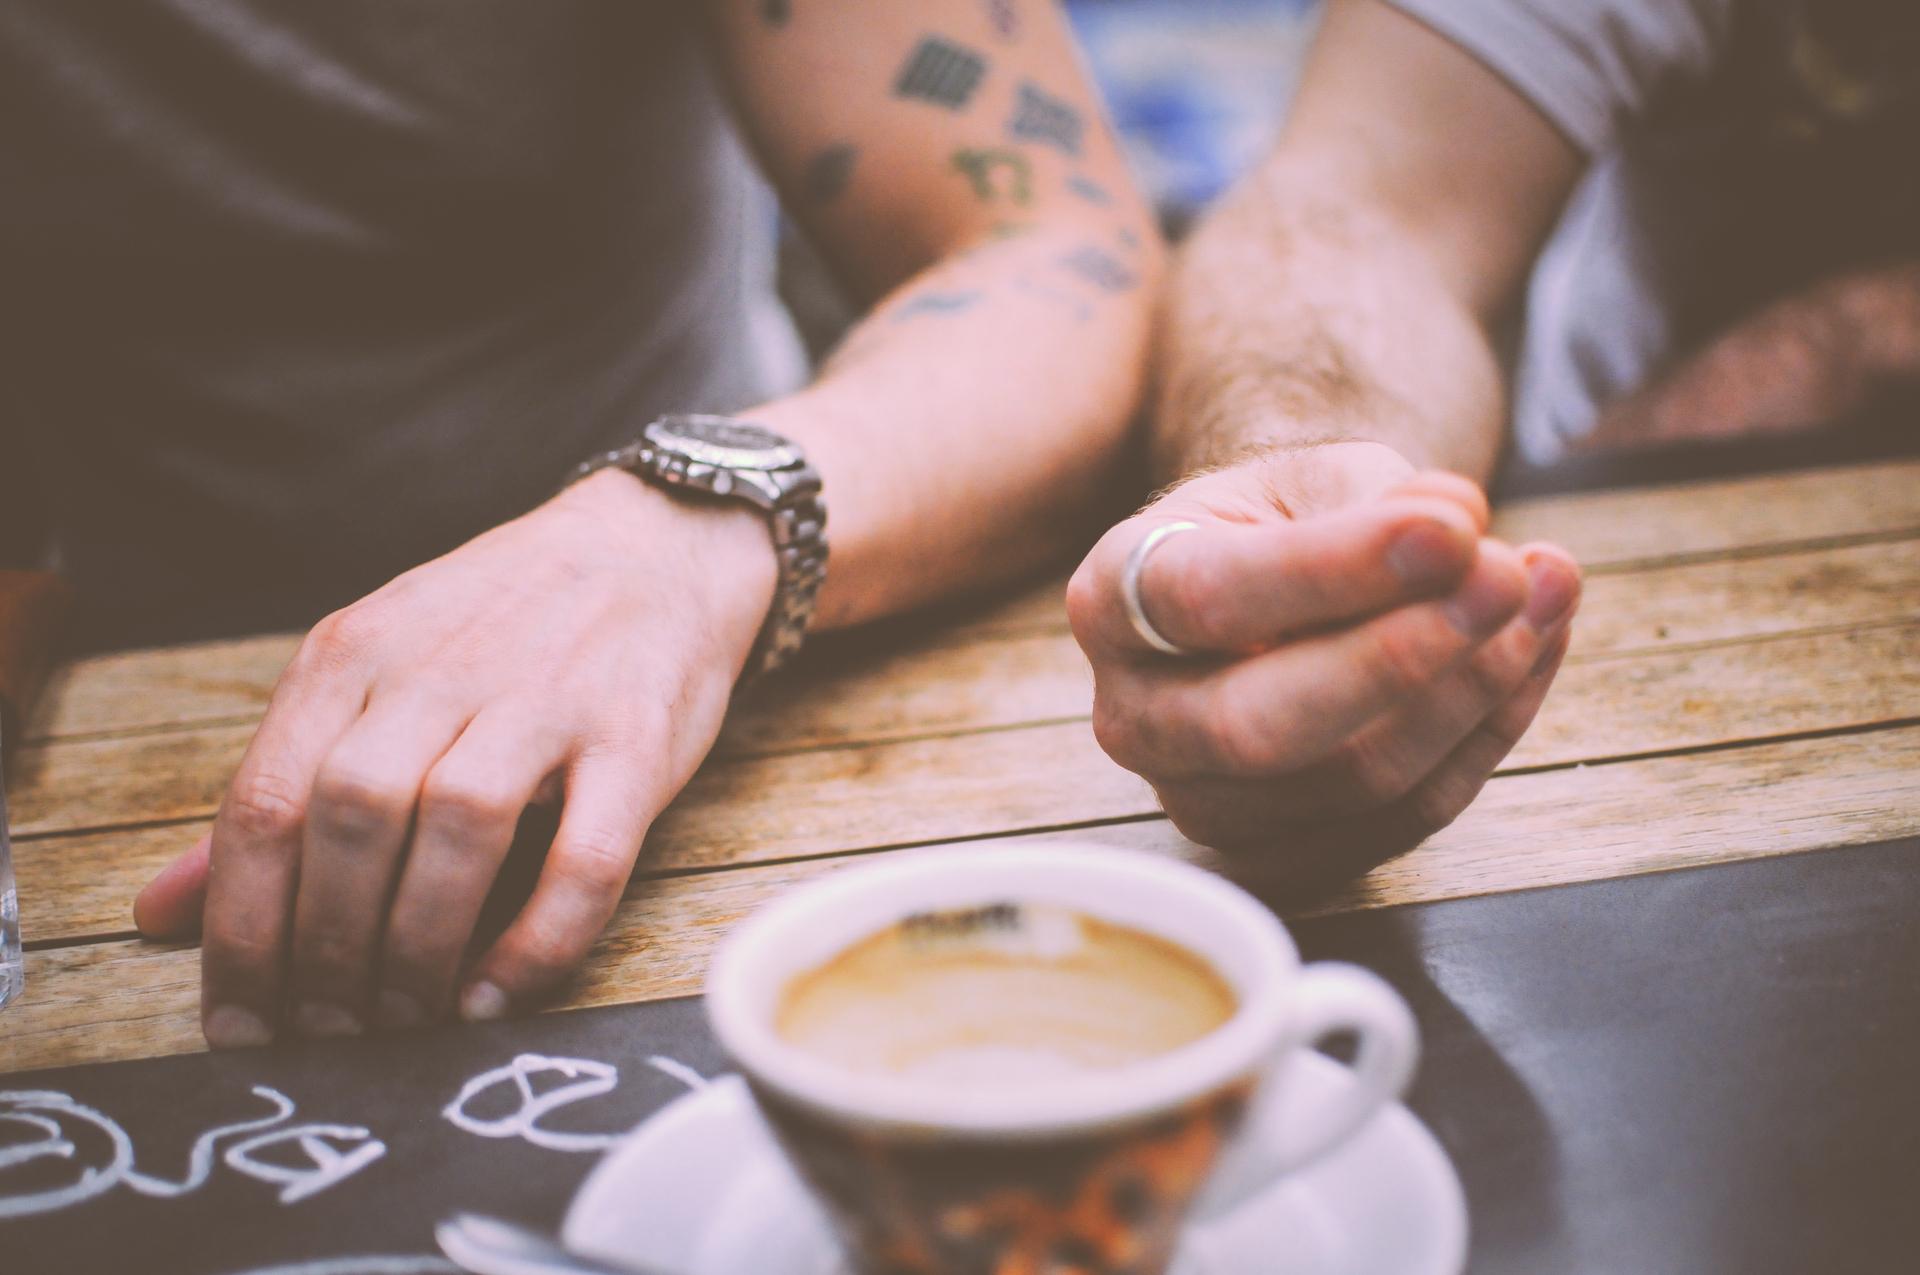 restaurant hands people coffee